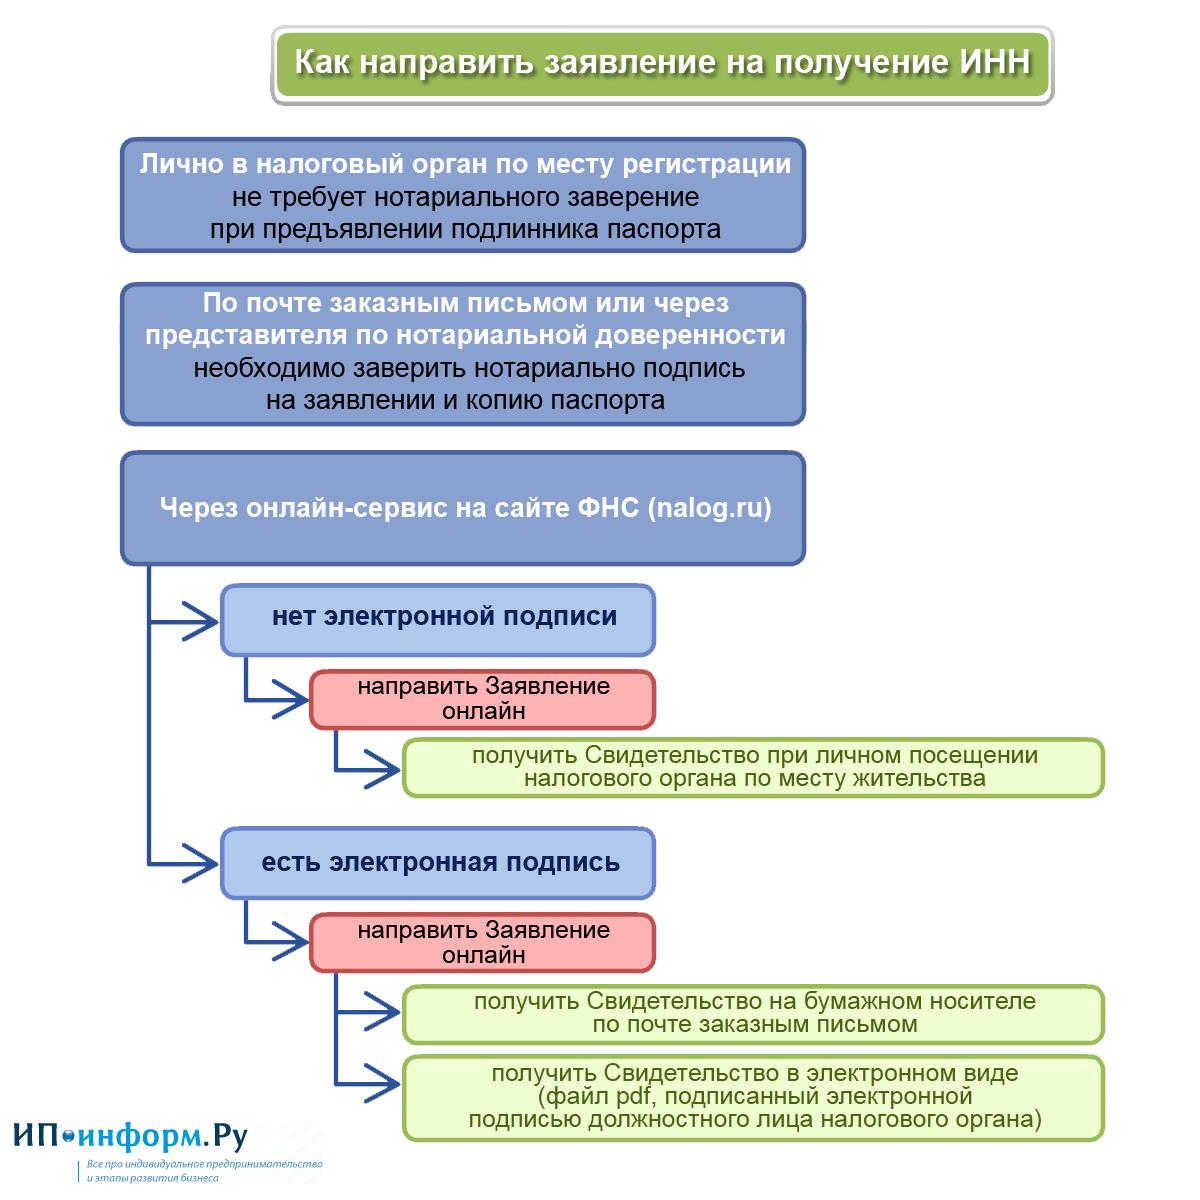 этапы налоговой регистрации ип